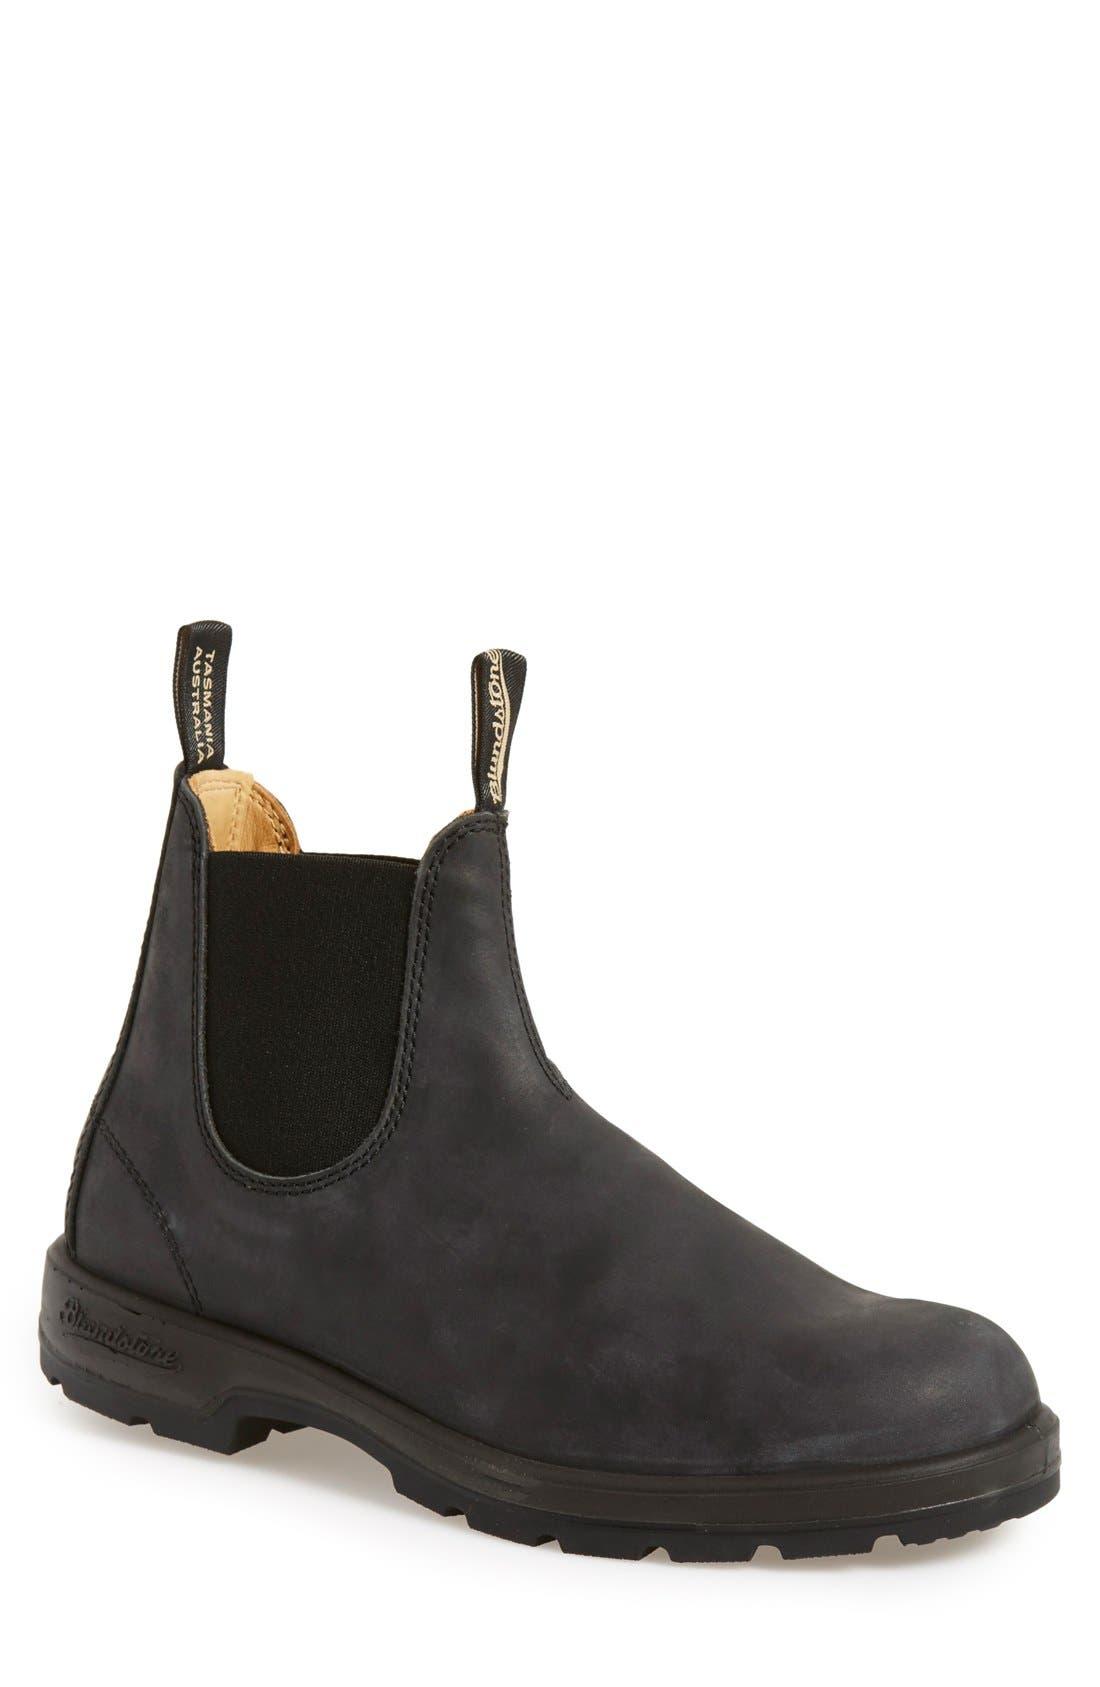 Footwear Chelsea Boot,                             Main thumbnail 1, color,                             RUSTIC BLACK